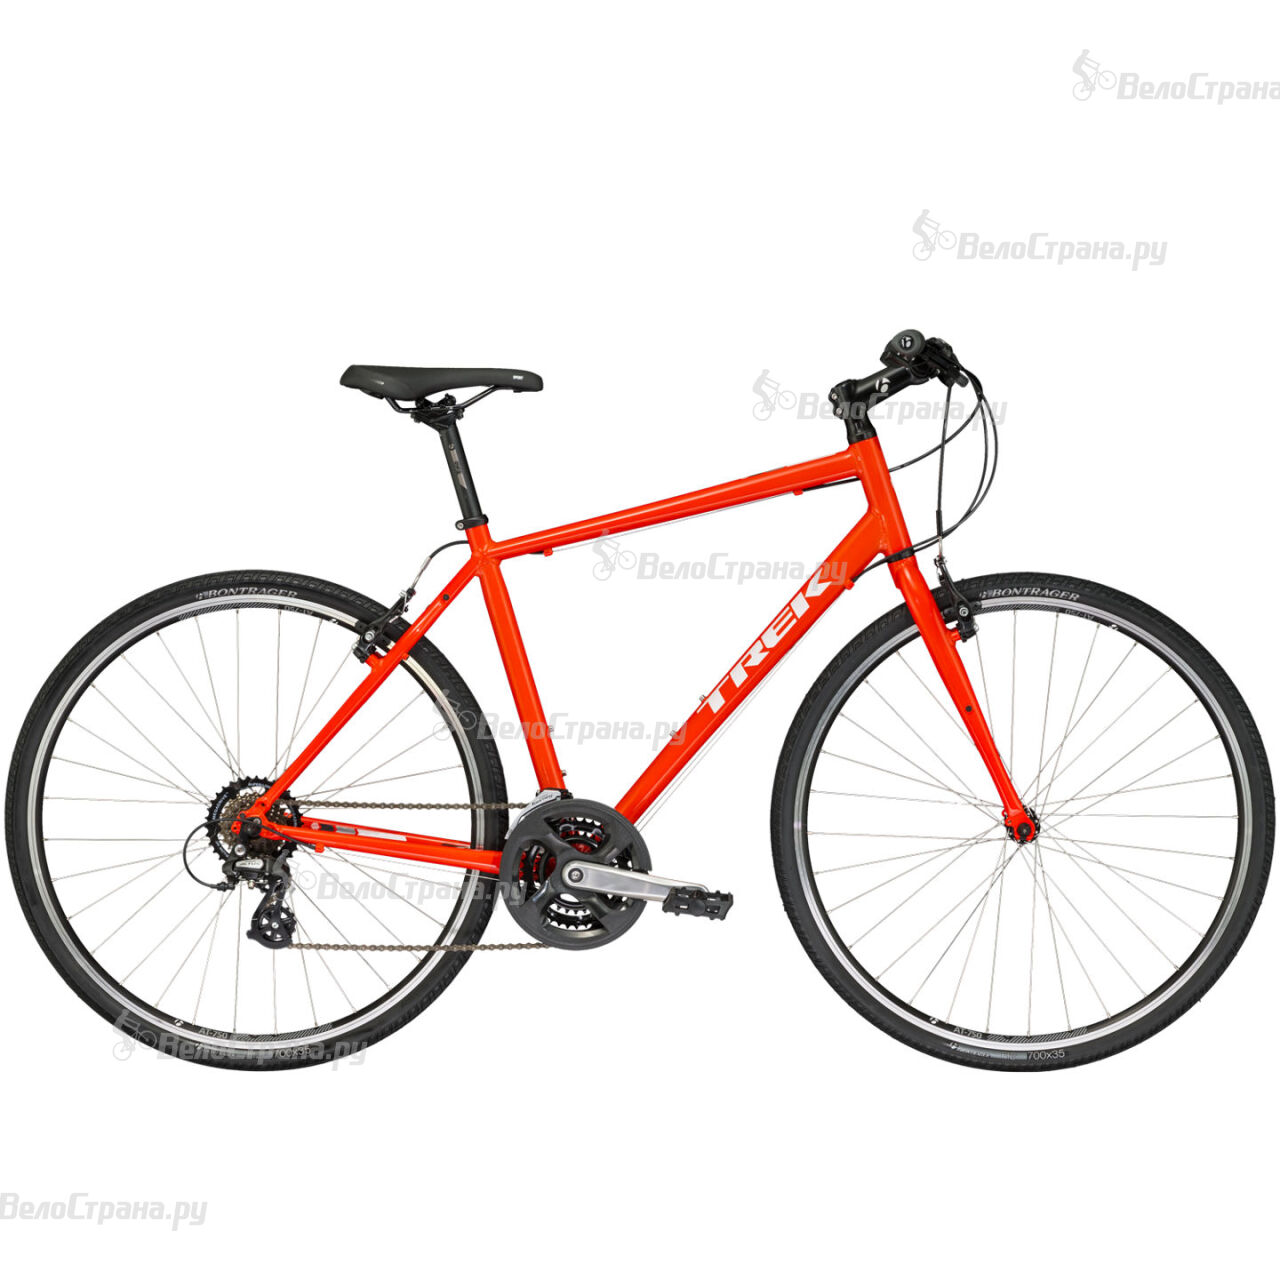 Велосипед Trek FX 1 (2017)